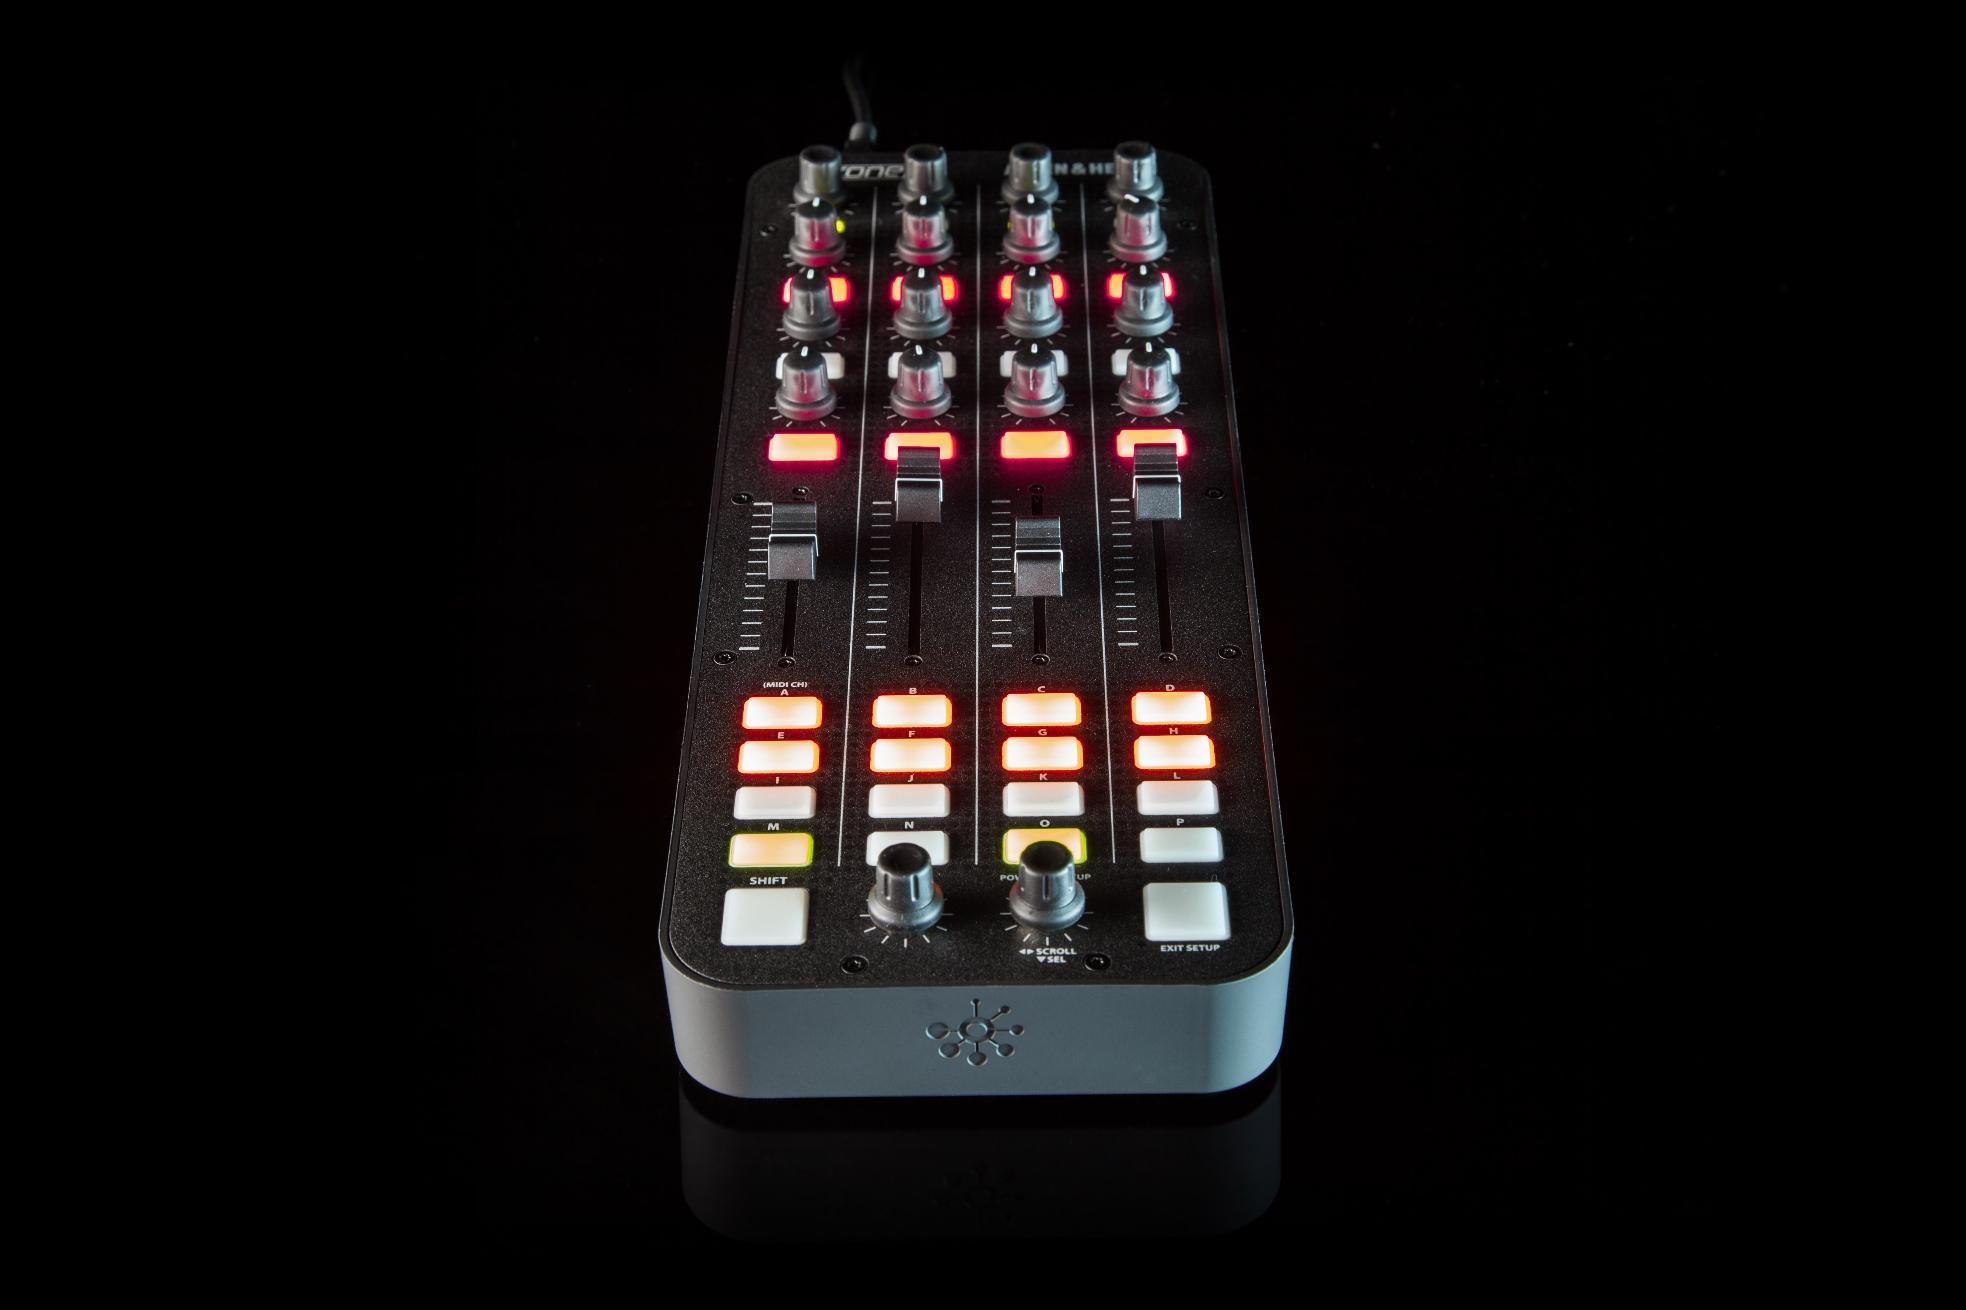 Allen & Heath bringen neuen Controller auf den Markt: K1